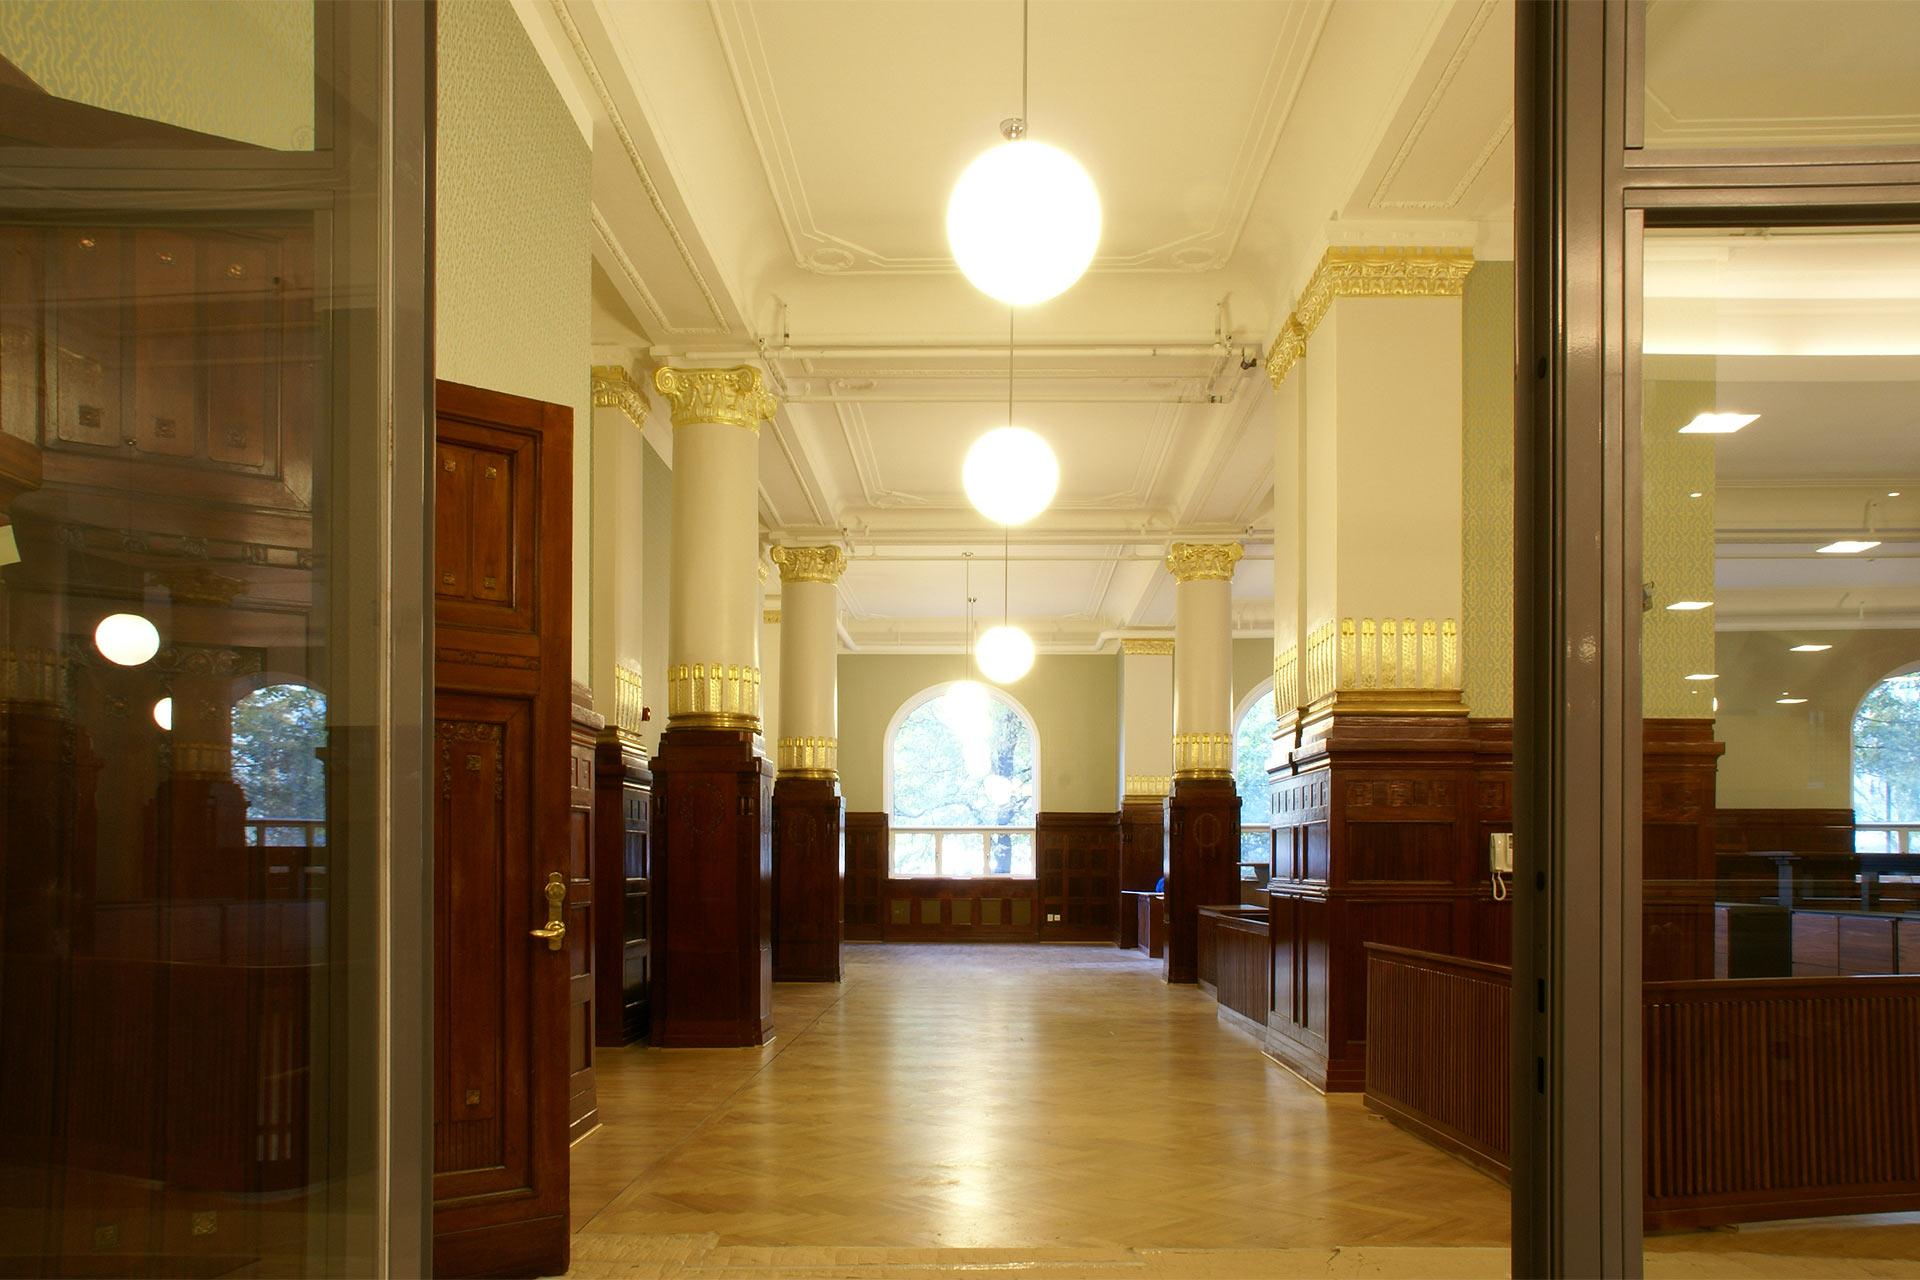 arkitektur_trondheim_fokuskvartalet_interior